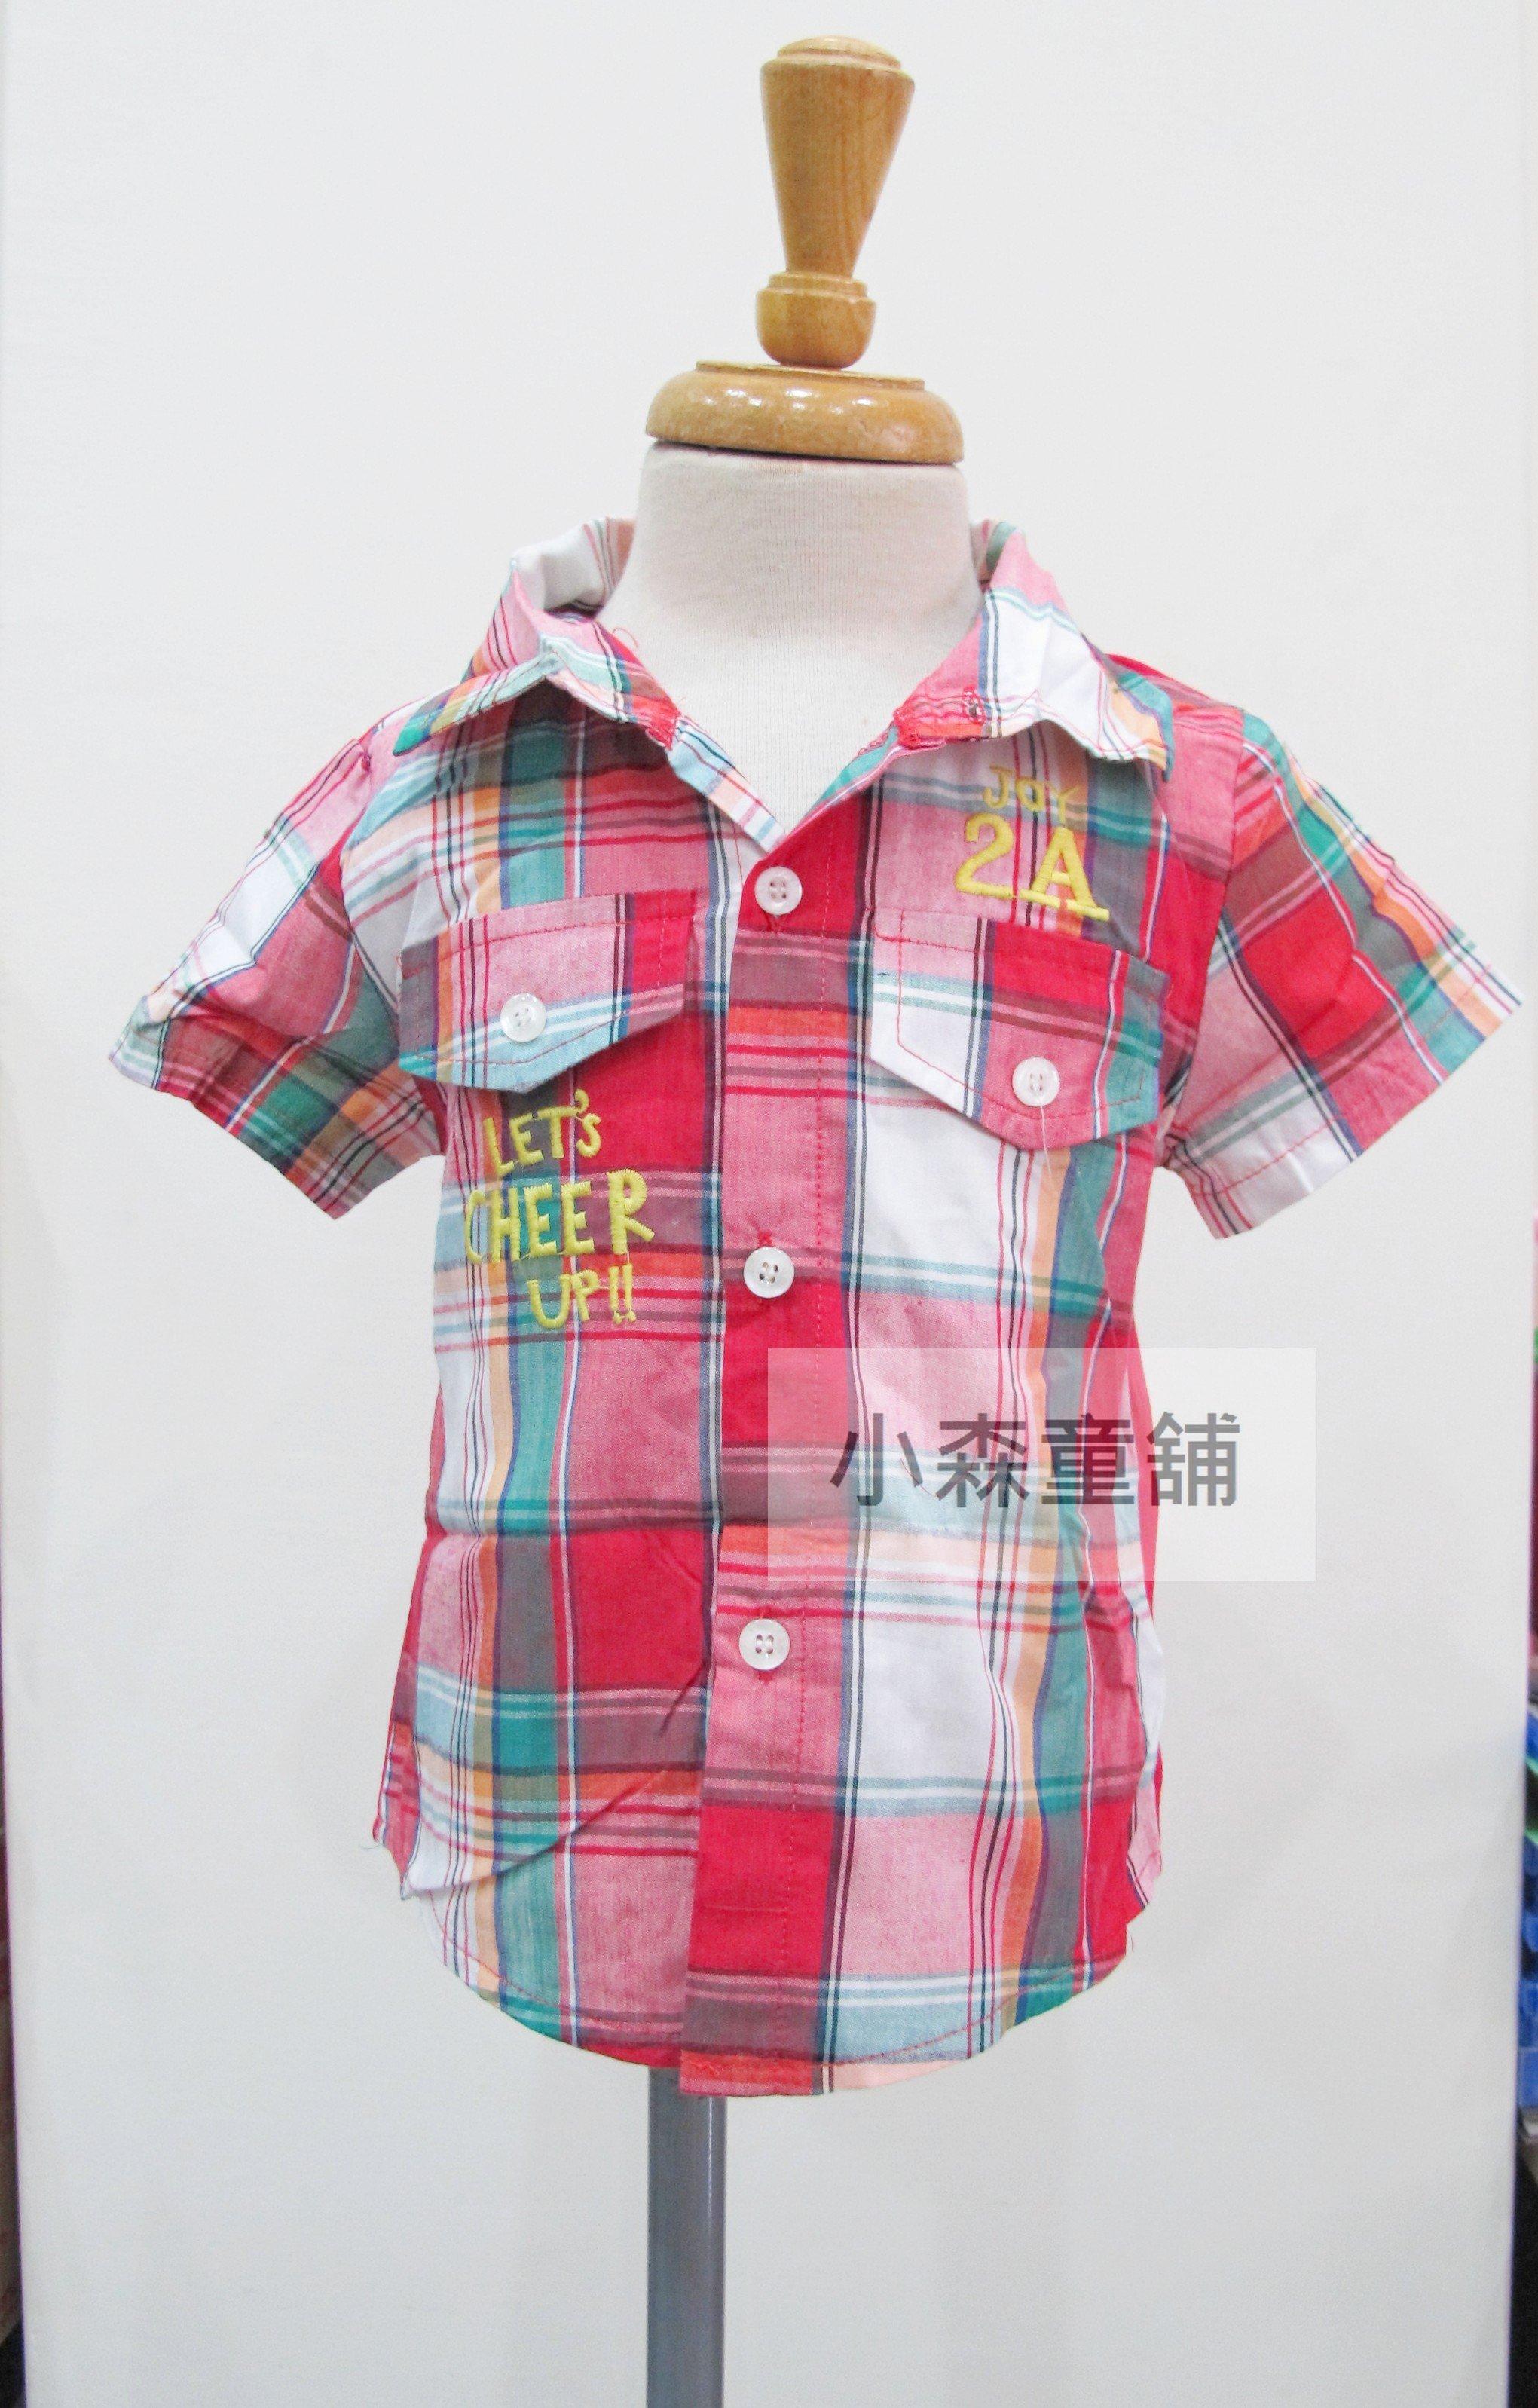 小森童舖 百搭 男童紅色系格子 後拼接棉質 短袖襯衫上衣 搭背心好看 5.7.9.11.13.15號